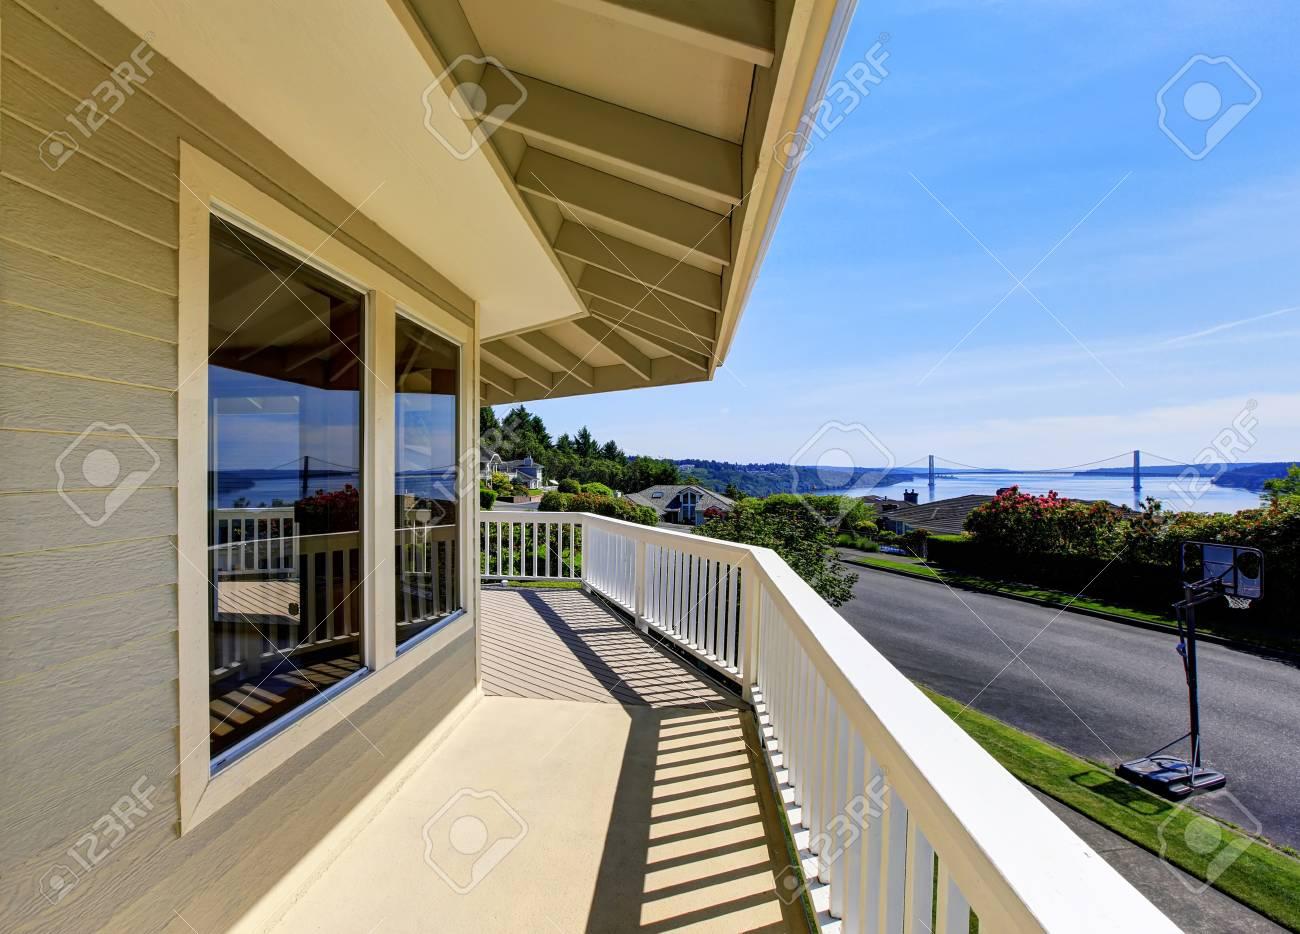 Balkon Haus Außen Mit Holzgeländer Und Perfekte Sicht. Northwest ...